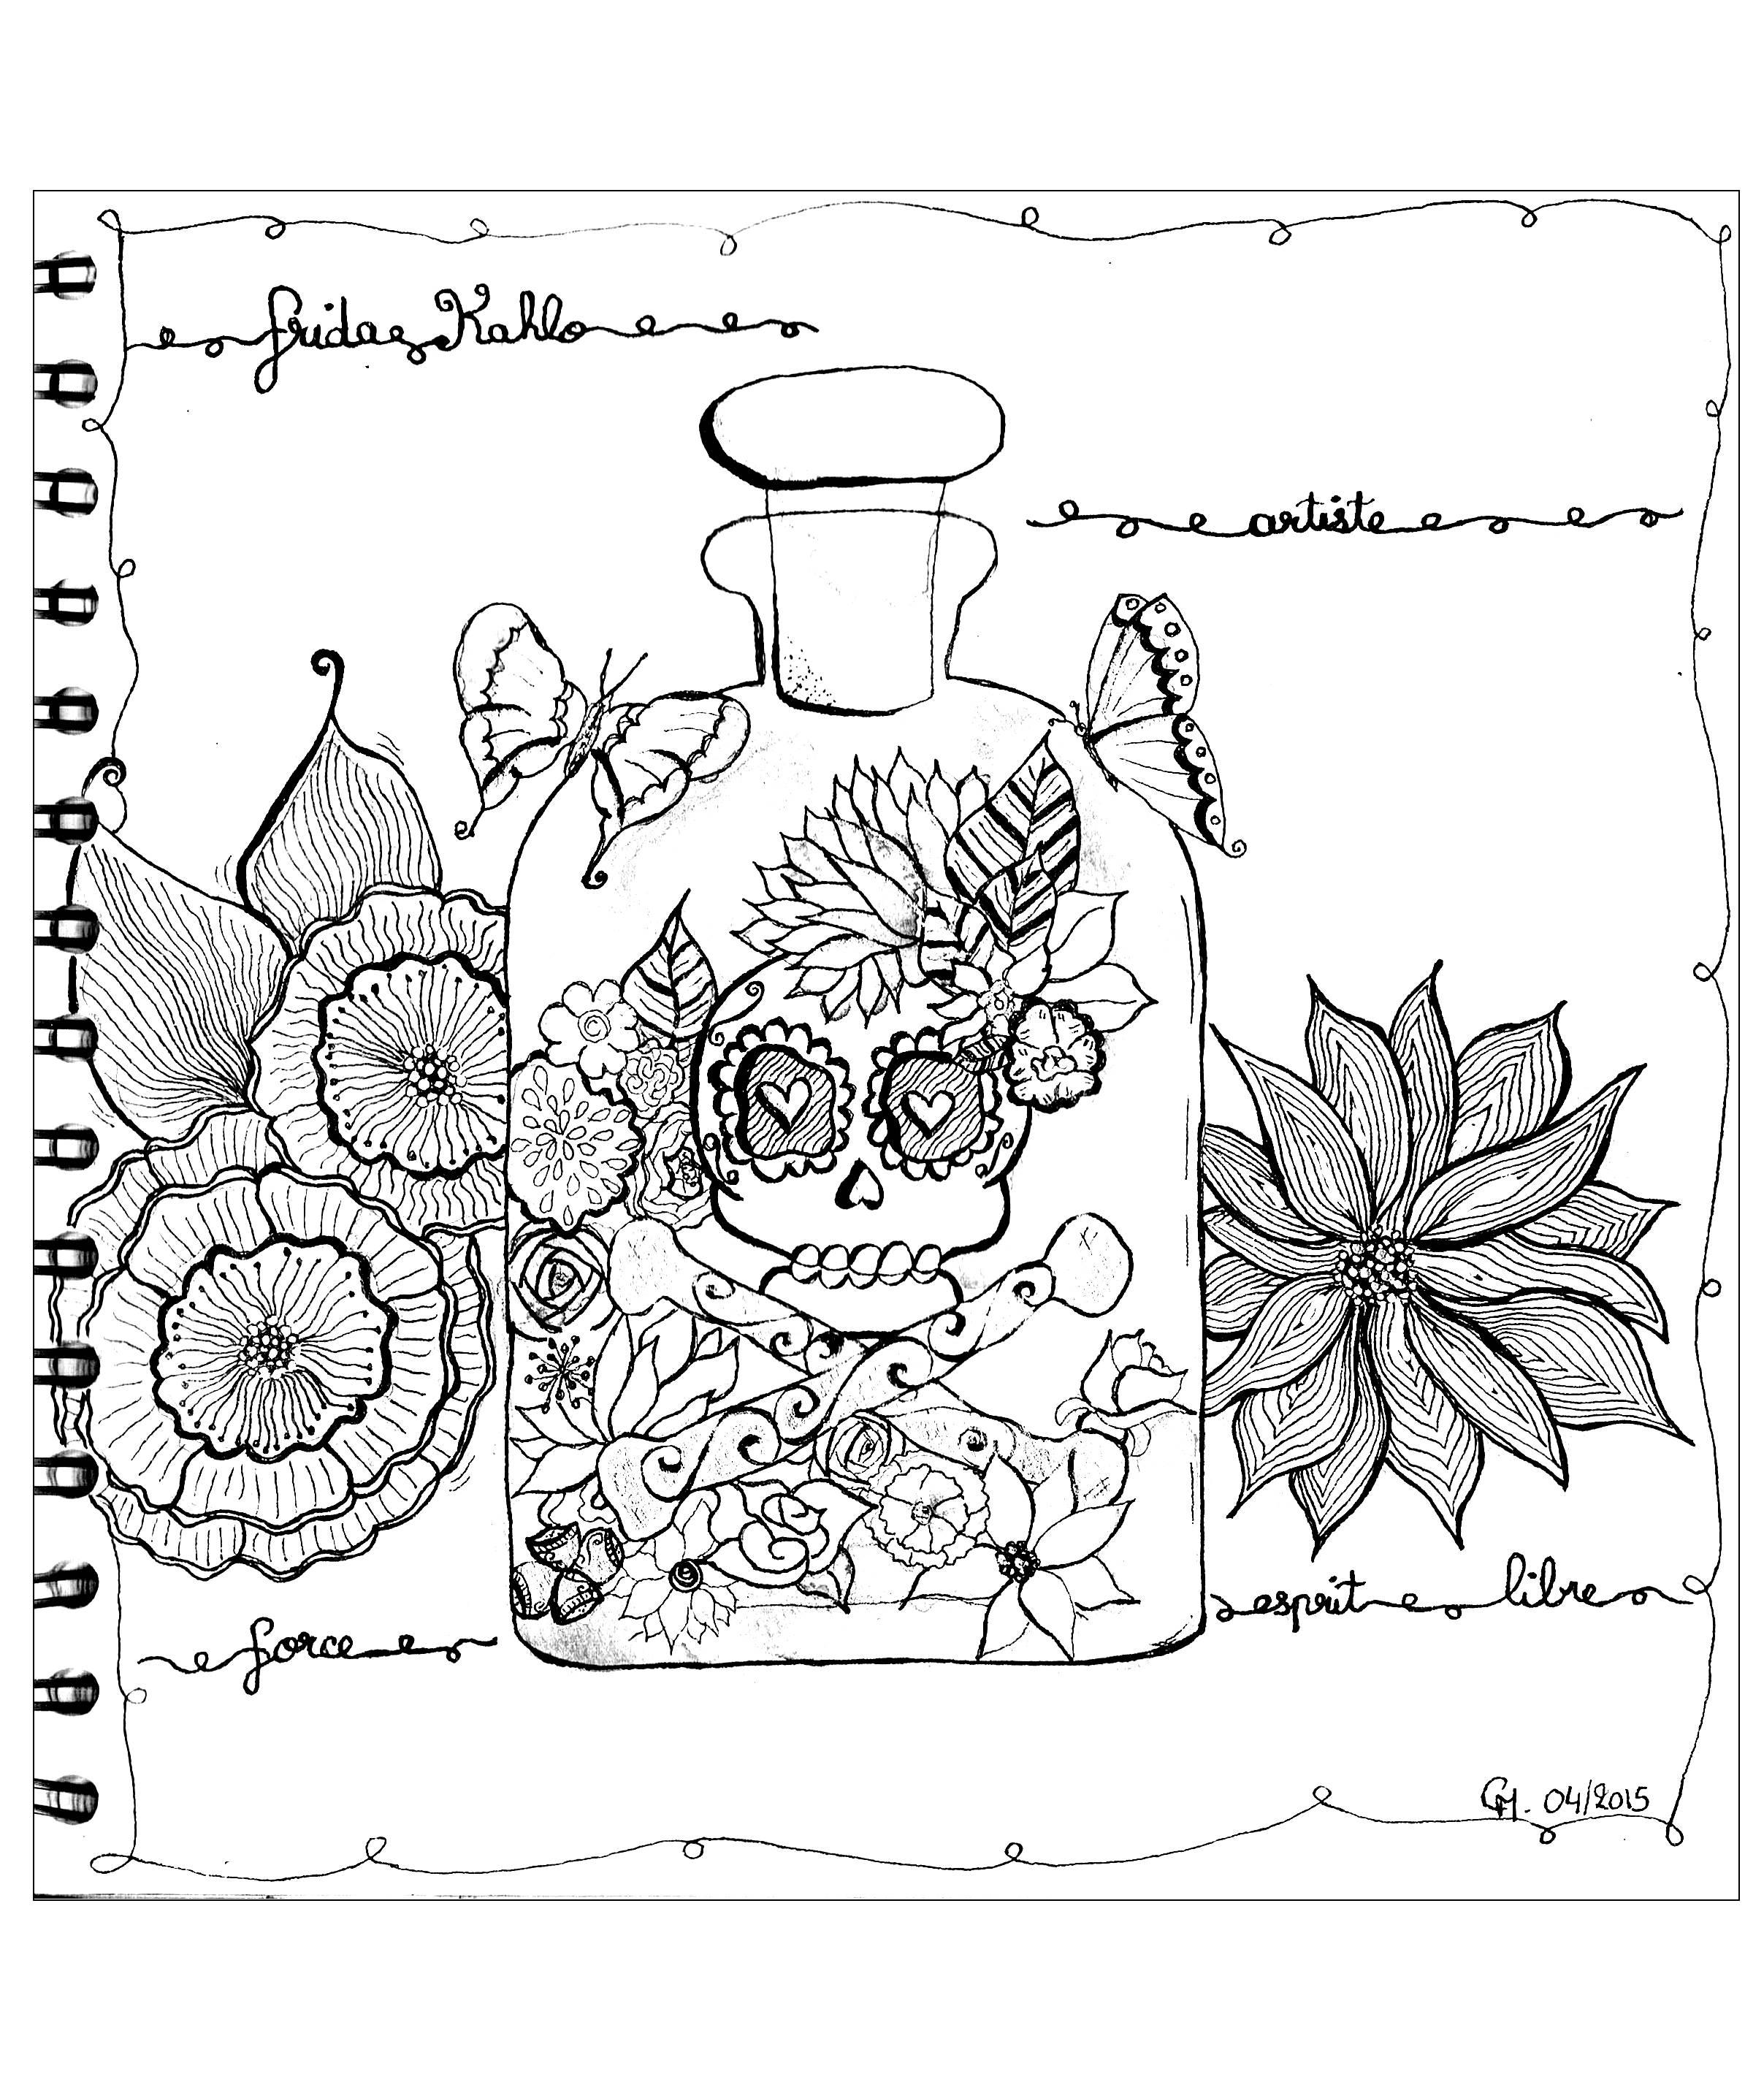 Disegni da colorare per adulti : Fiori e vegetazione - 45